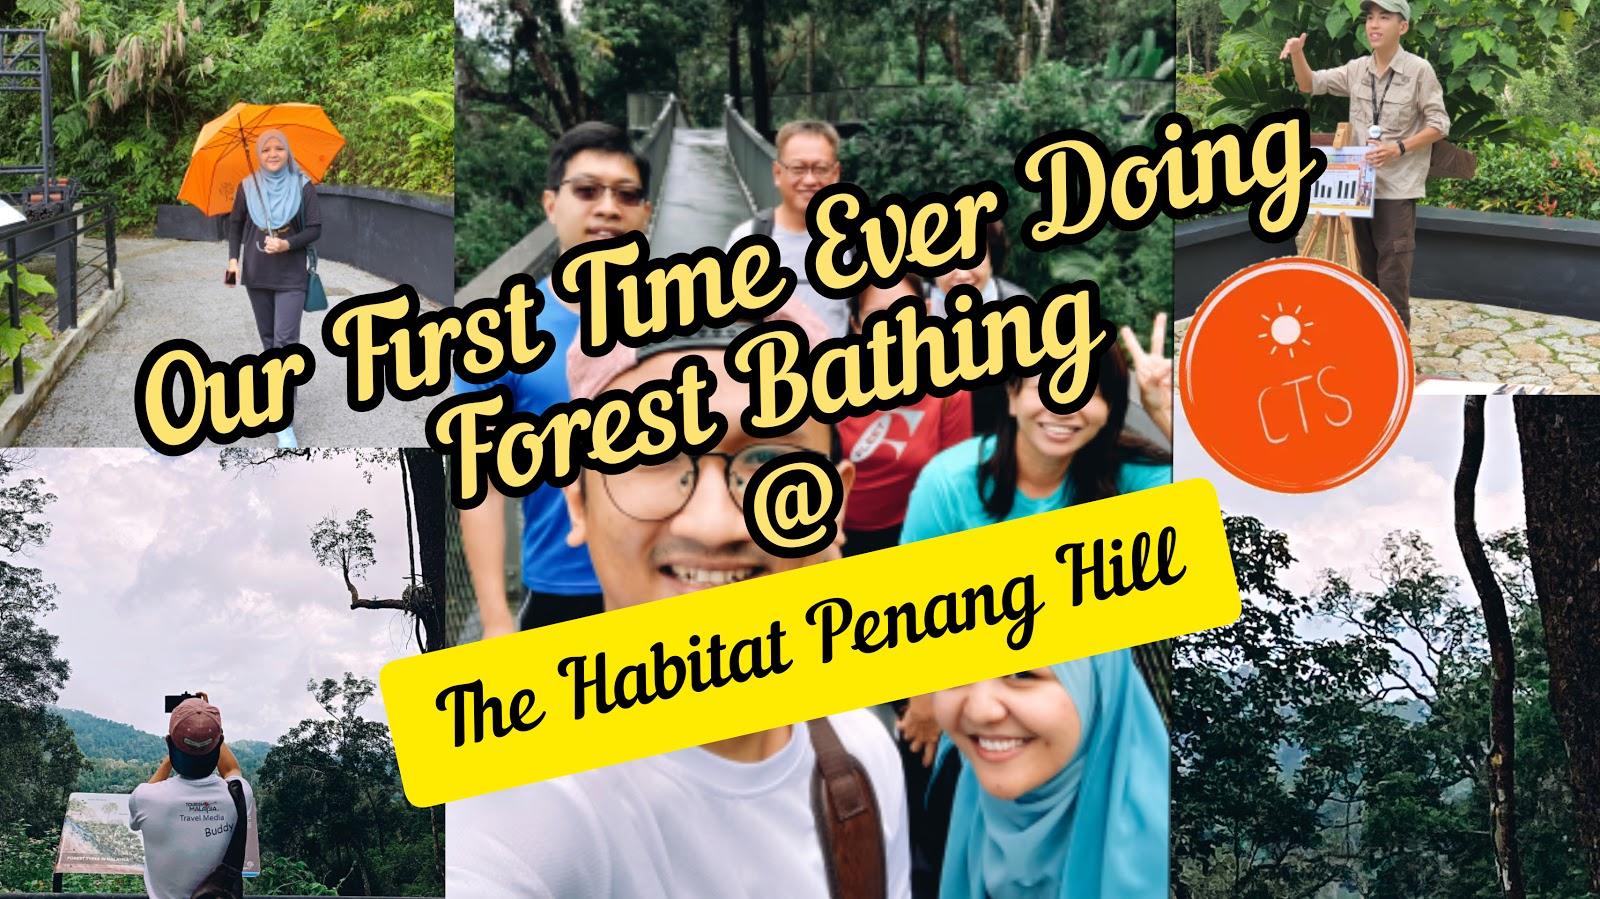 Pengalaman Pertama Kali Kami Mencuba FOREST BATHING (Shinrin-Yoku) Di The Habitat Penang Hill!